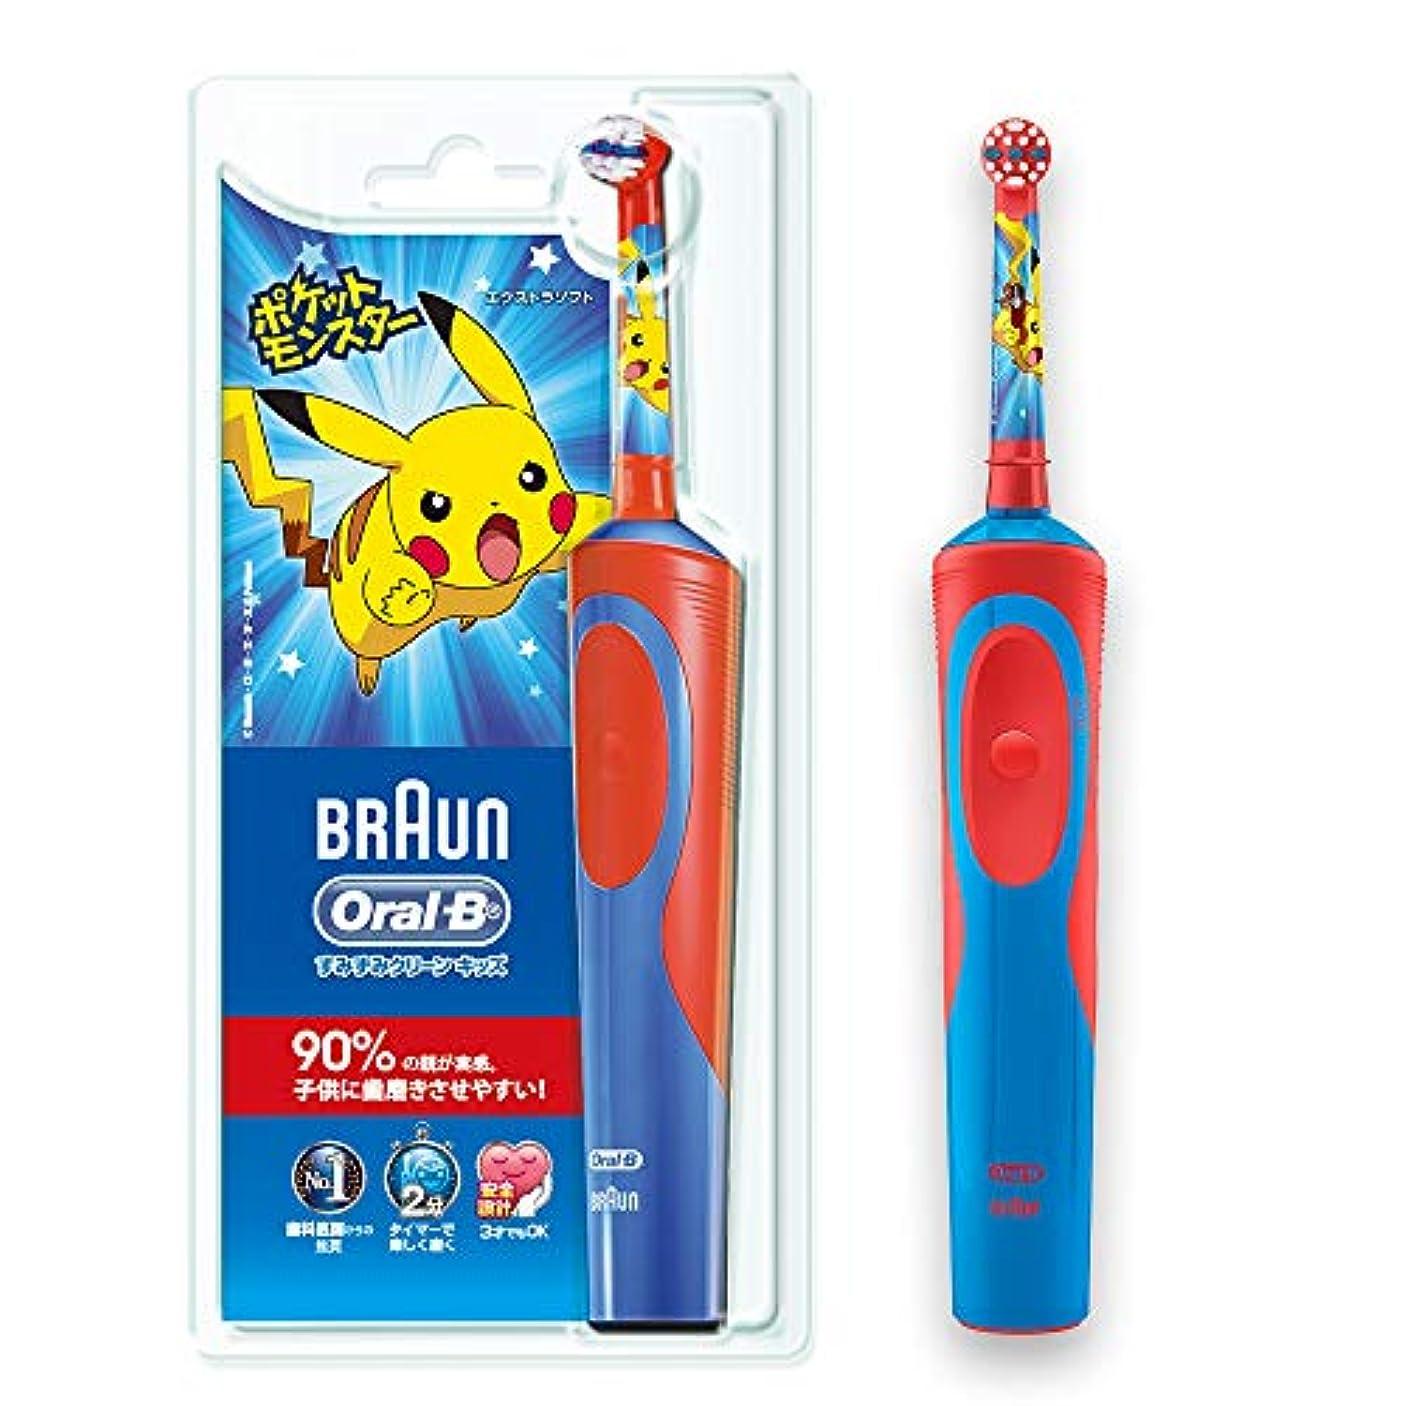 腐った素晴らしいですマージンブラウン オーラルB 電動歯ブラシ 子供用 D12513KPKMB すみずみクリーンキッズ 本体 レッド ポケモン 歯ブラシ